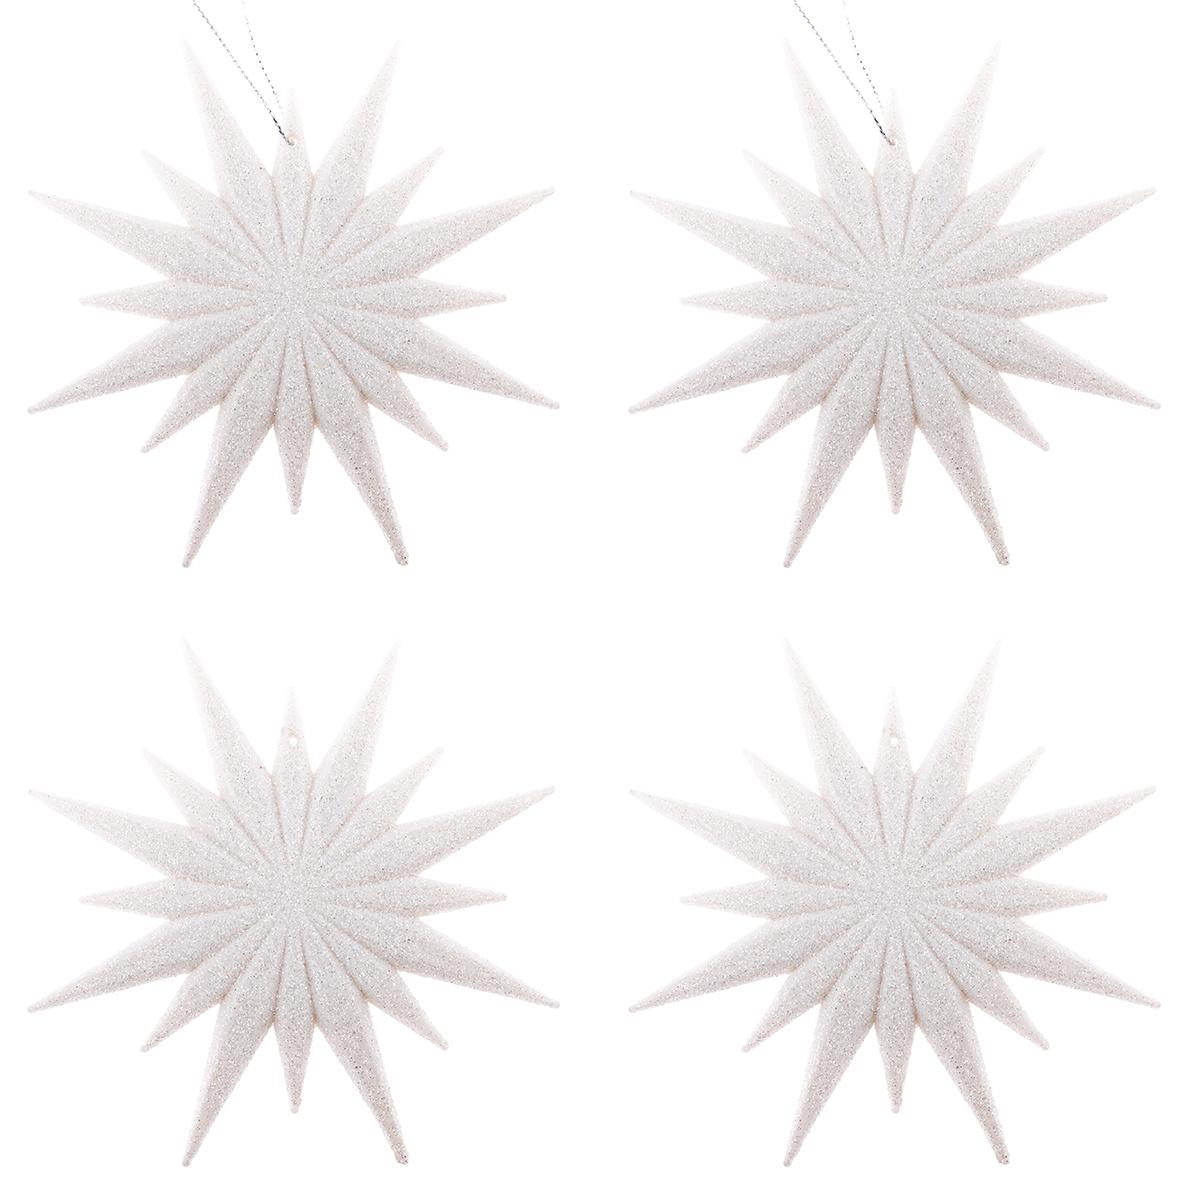 Sada závesných ozdôb Shiny Vločka plná biela, 4 ks